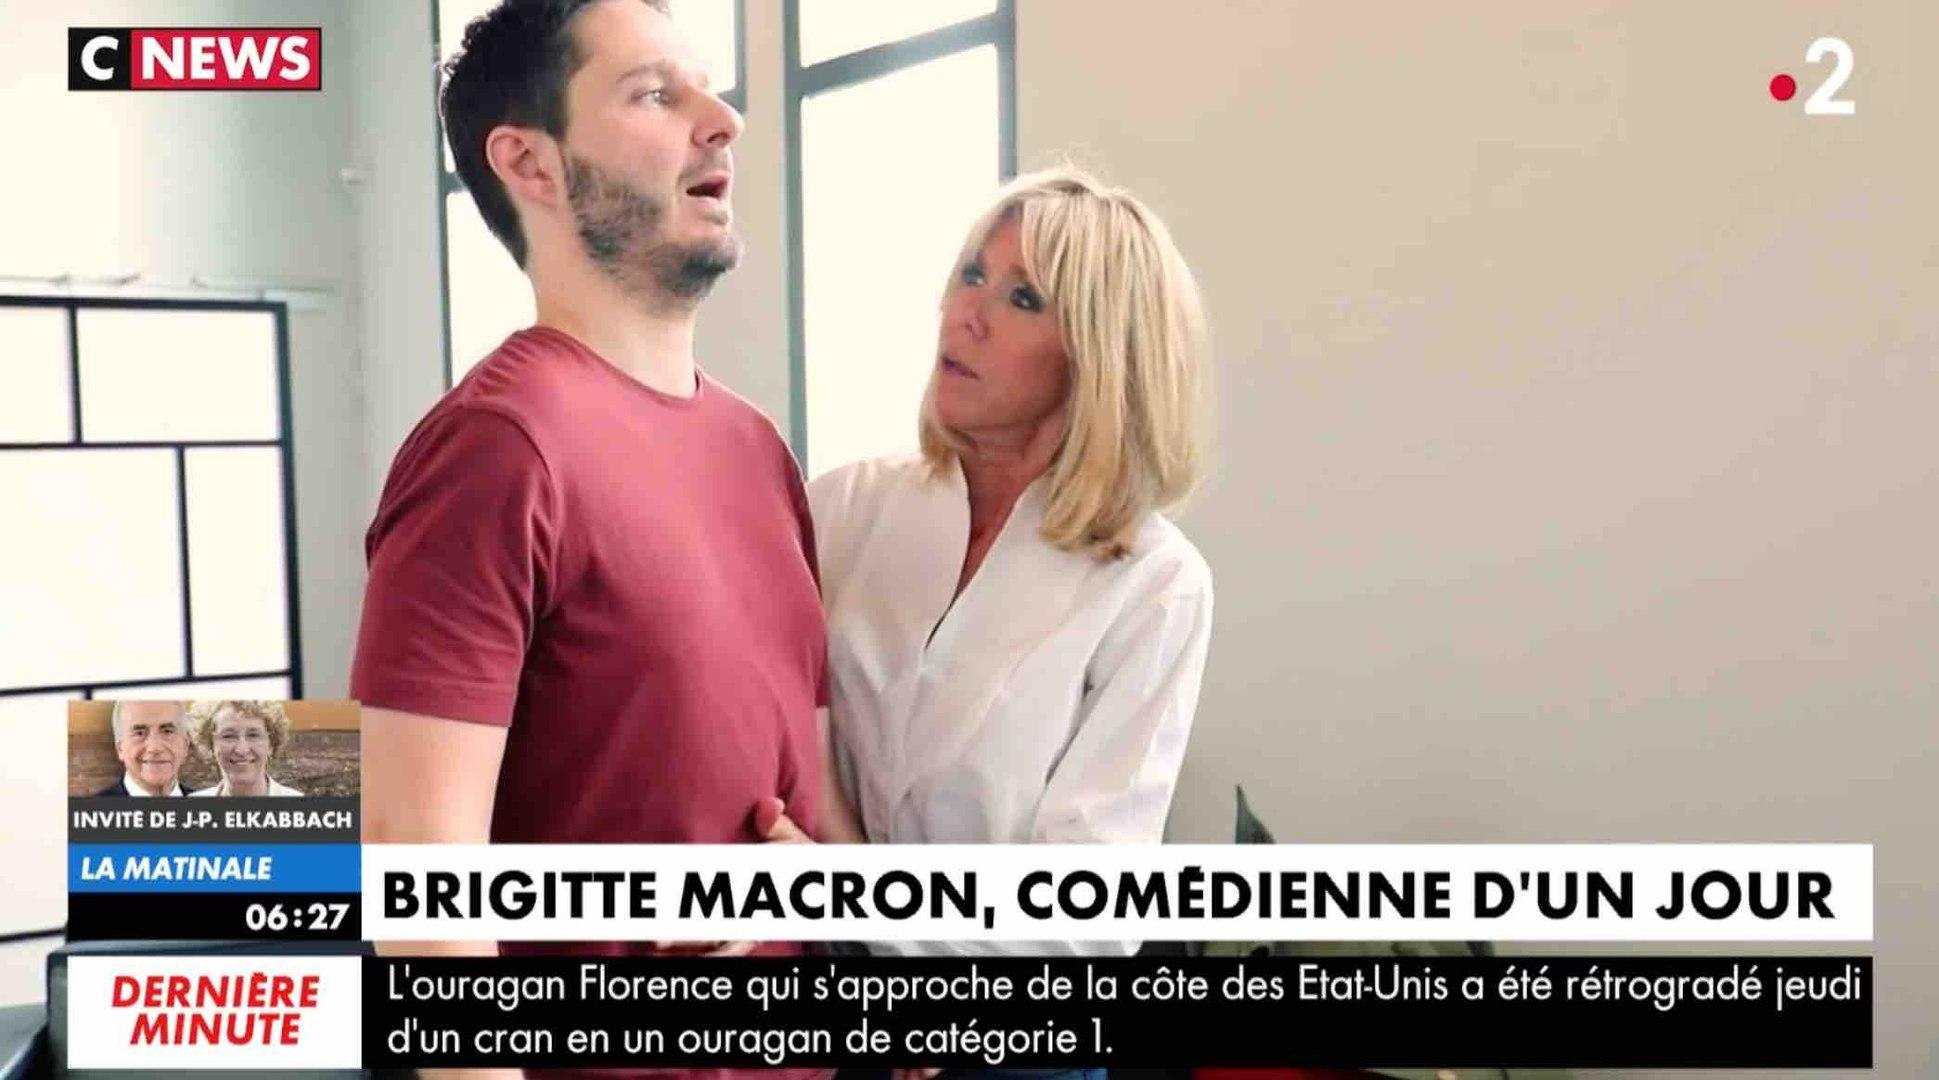 Brigitte Macron comédienne dans une série - ZAPPING ACTU HEBDO DU 15/09/2018